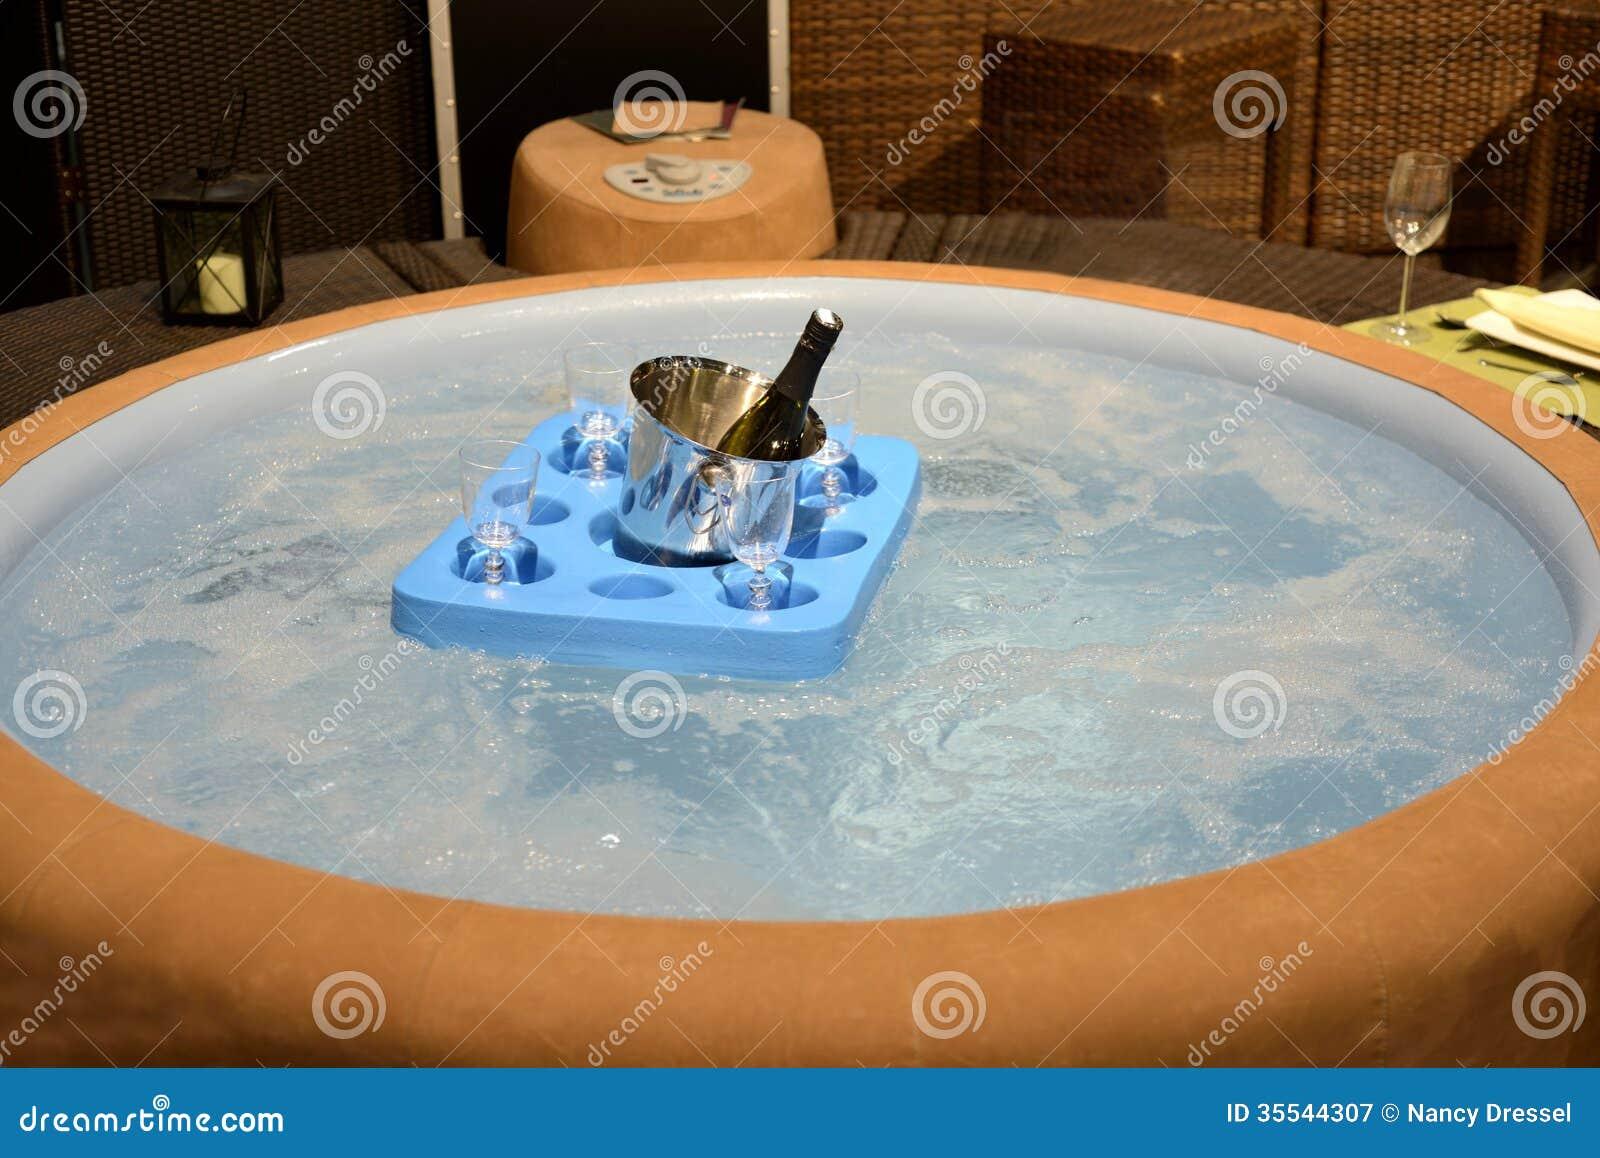 Jacuzzi Hot Tub Royalty Free Stock Photography Image